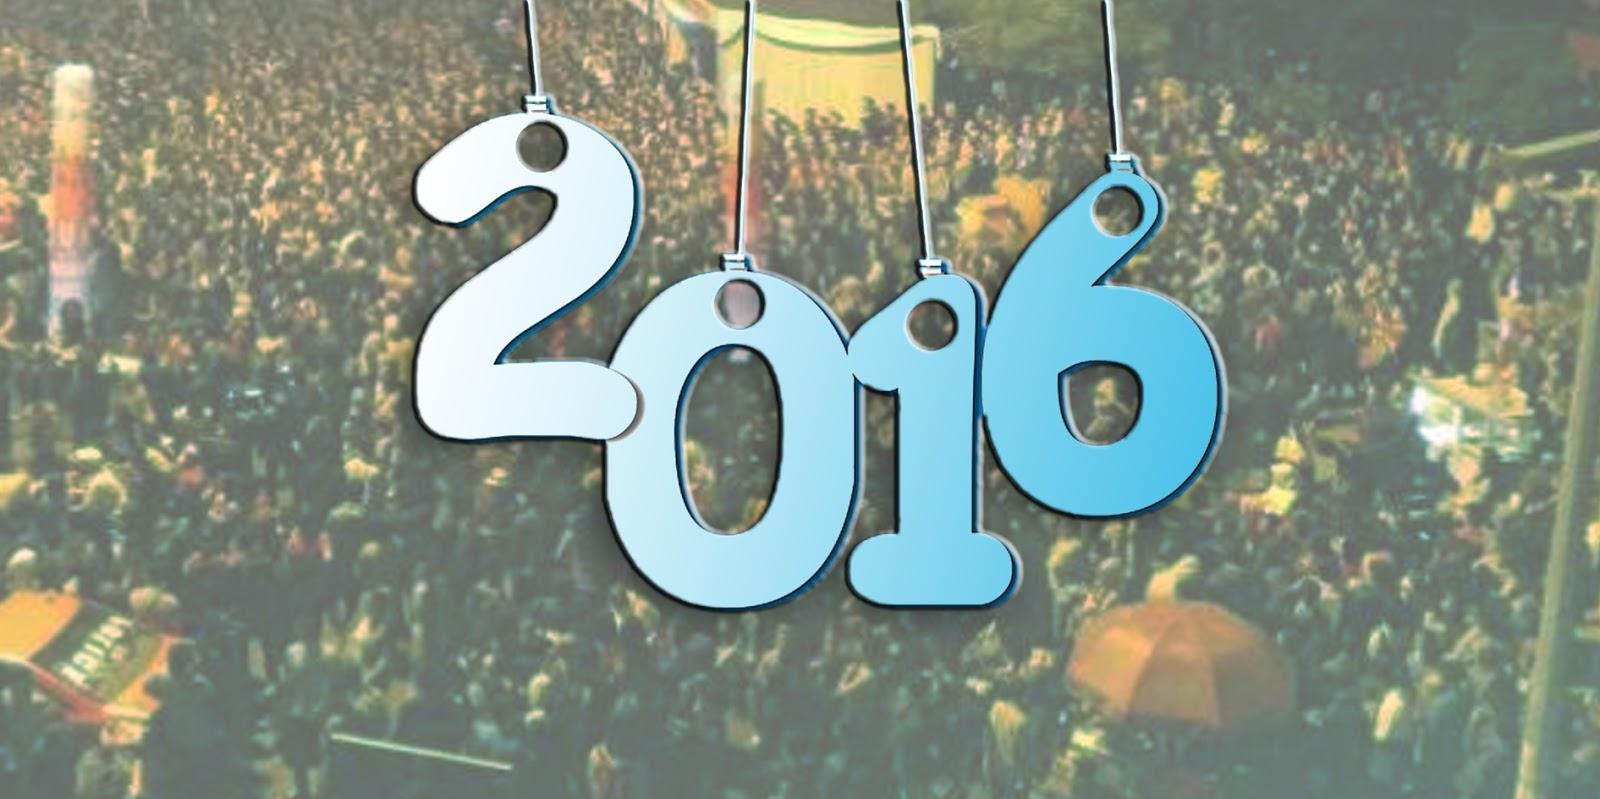 Lokasi Pusat Perayaan  Malam Tahun Baru 2016 di Bandung